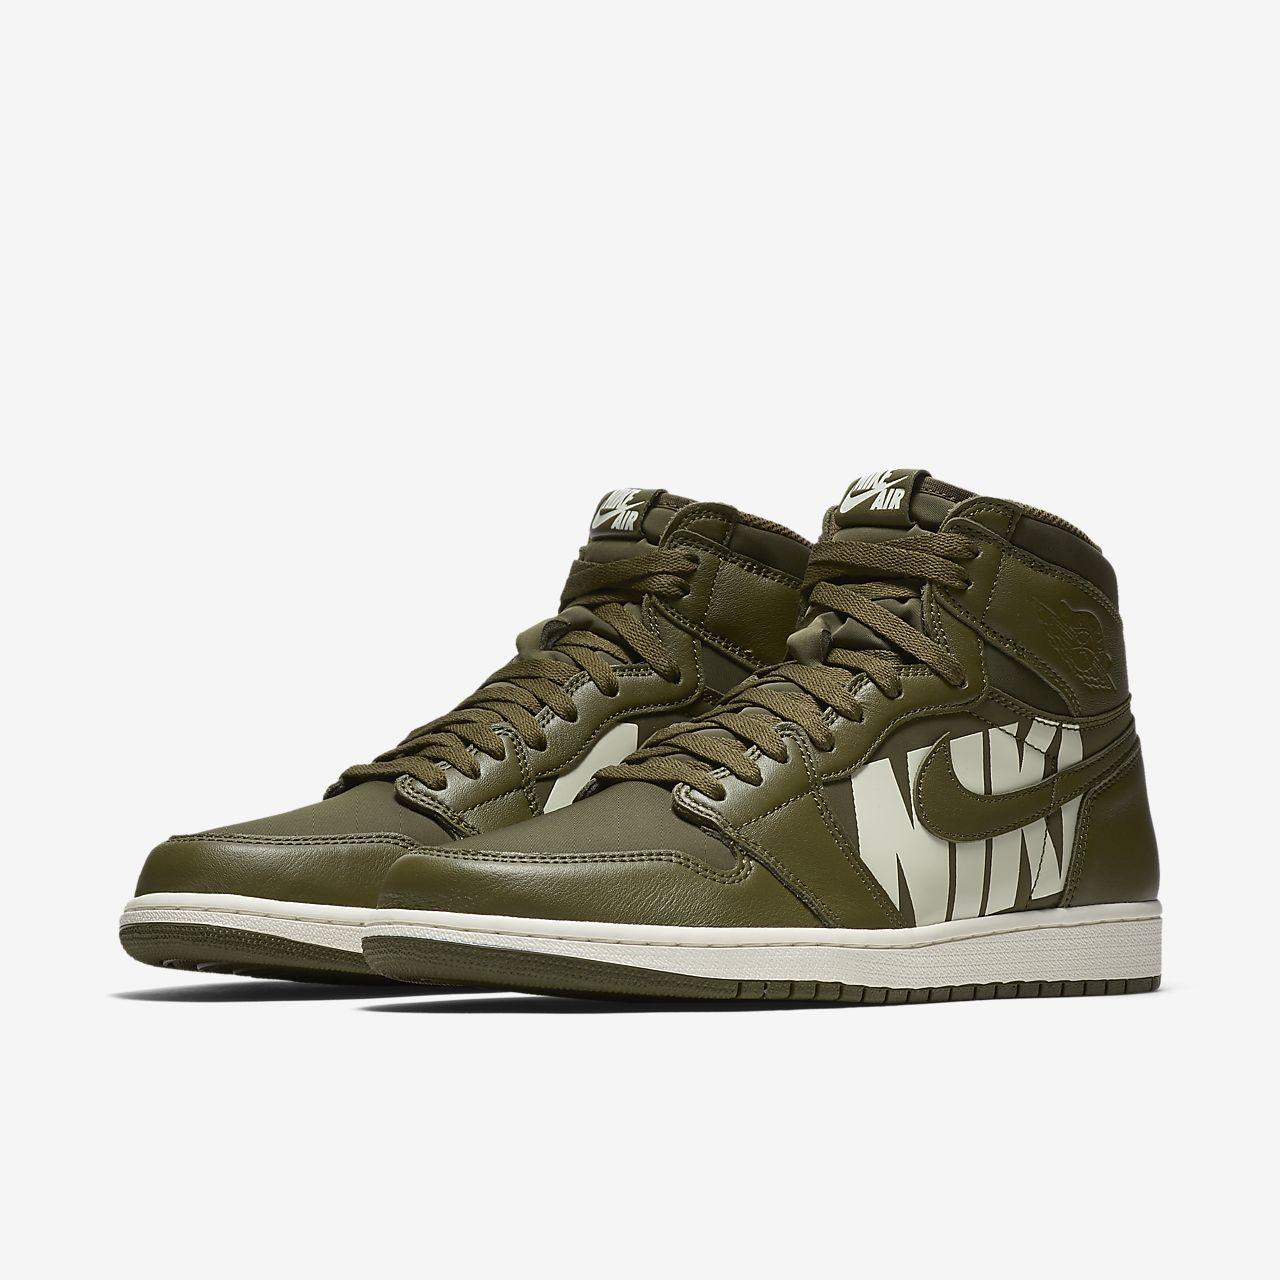 ab68ca1e8e29 Air Jordan 1 Retro High OG Shoe. Nike.com PT